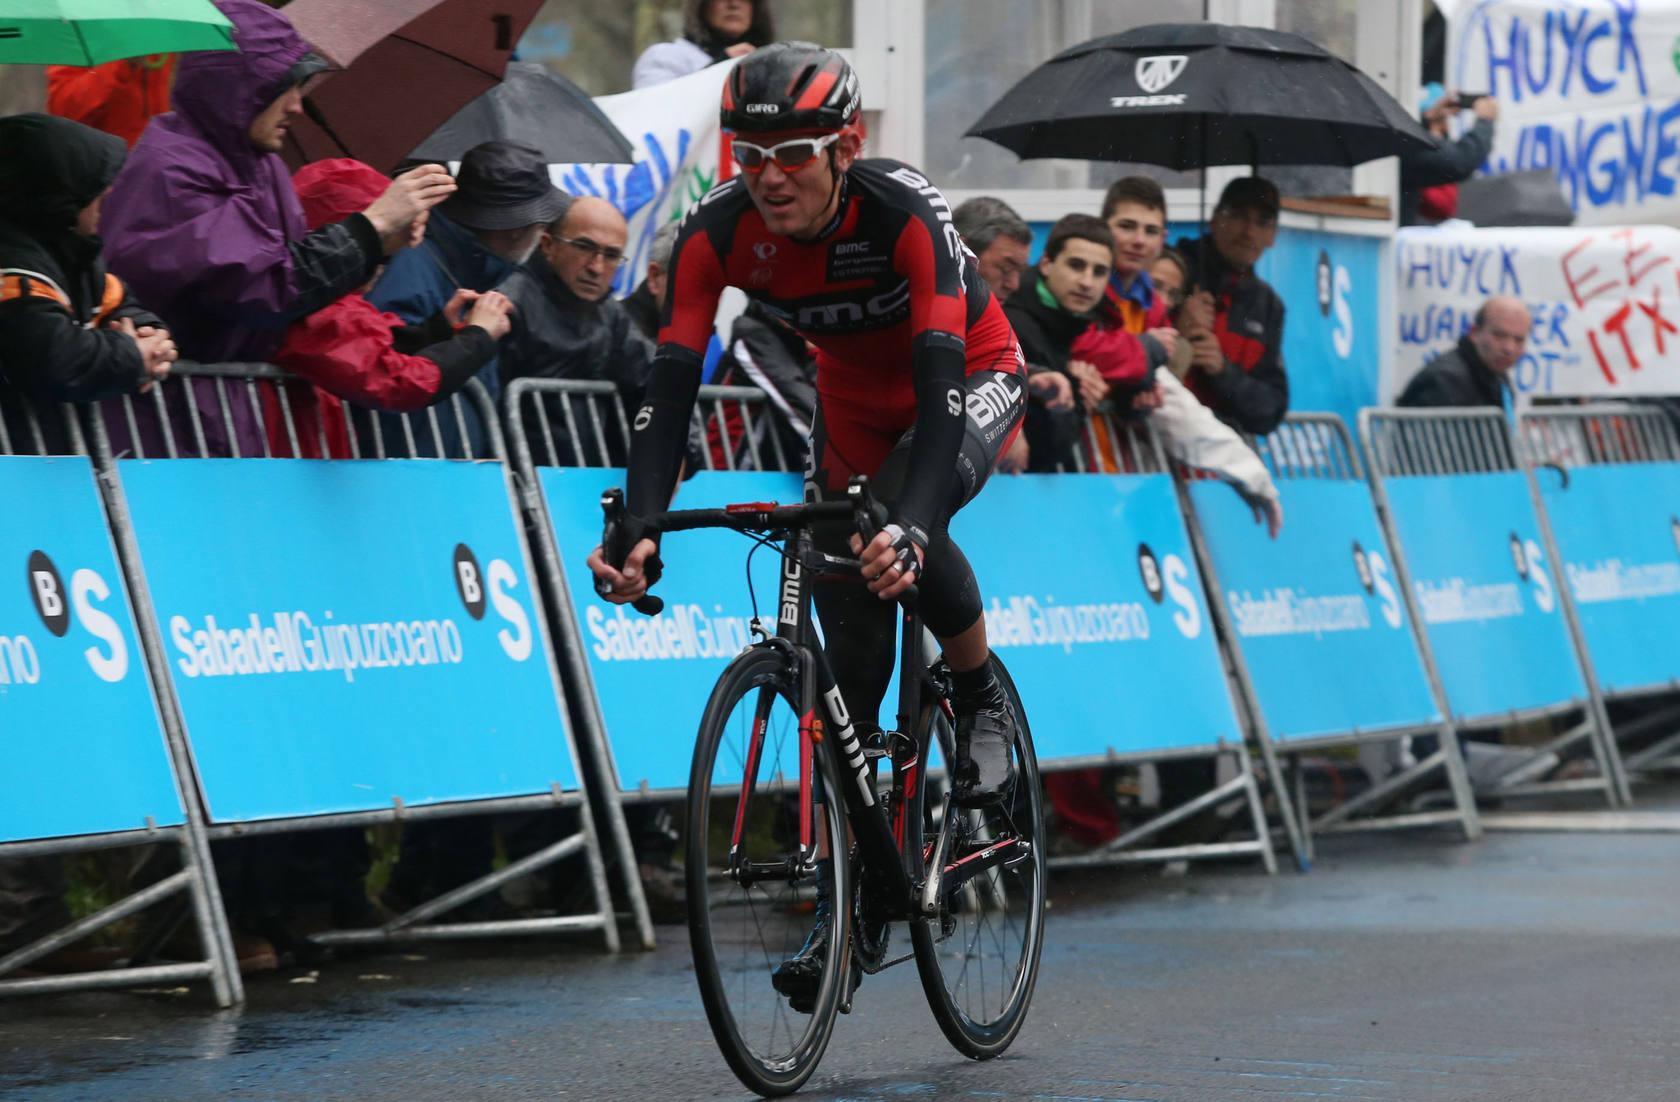 Cuarta etapa de la Vuelta al País Vasco